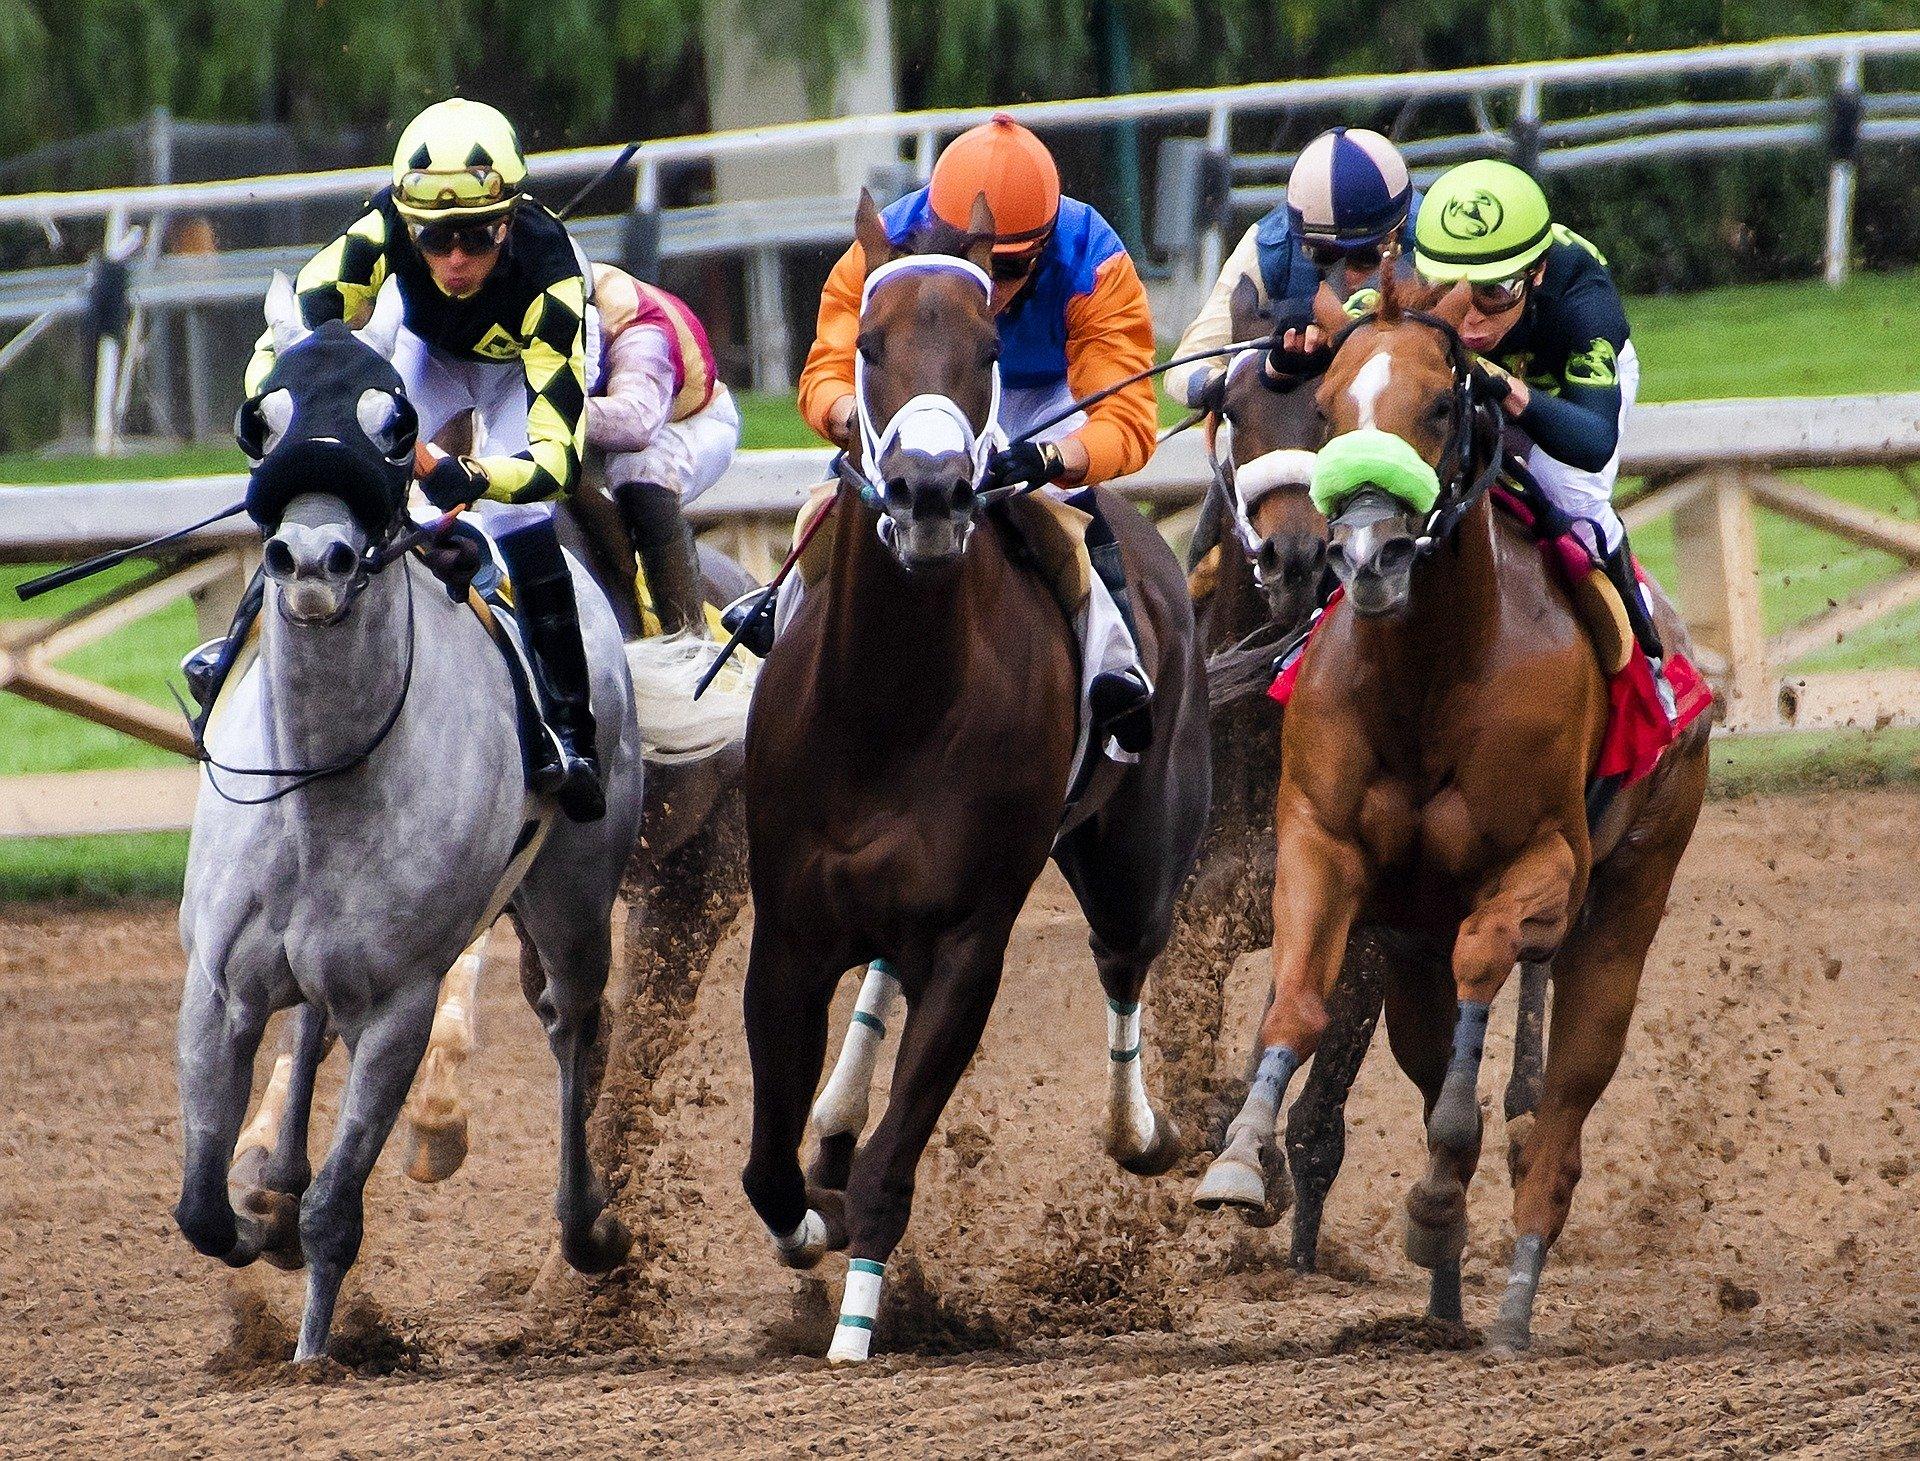 Les courses de chevaux : plus qu'un jeu, une passion entre l'homme et l'animal !